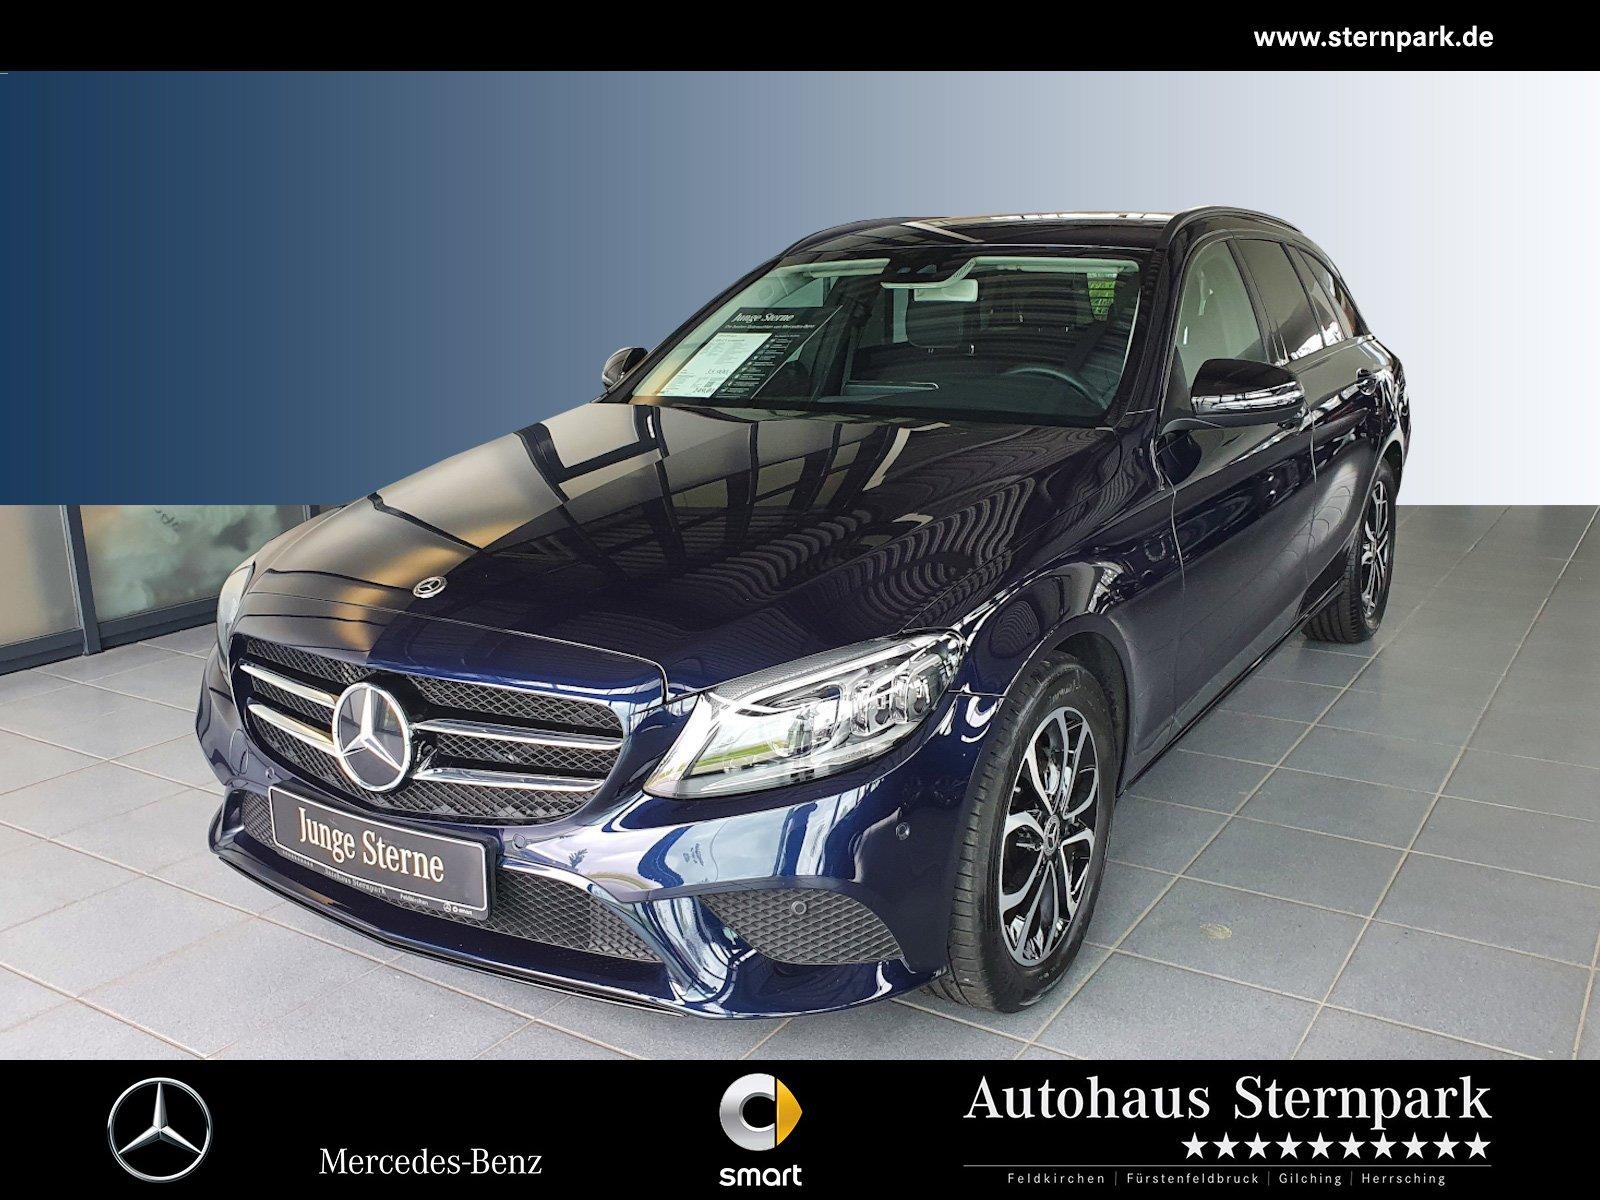 Mercedes-Benz C 220 d T Avantgarde +Comand+AHK+LED+Night+Spur+, Jahr 2019, Diesel